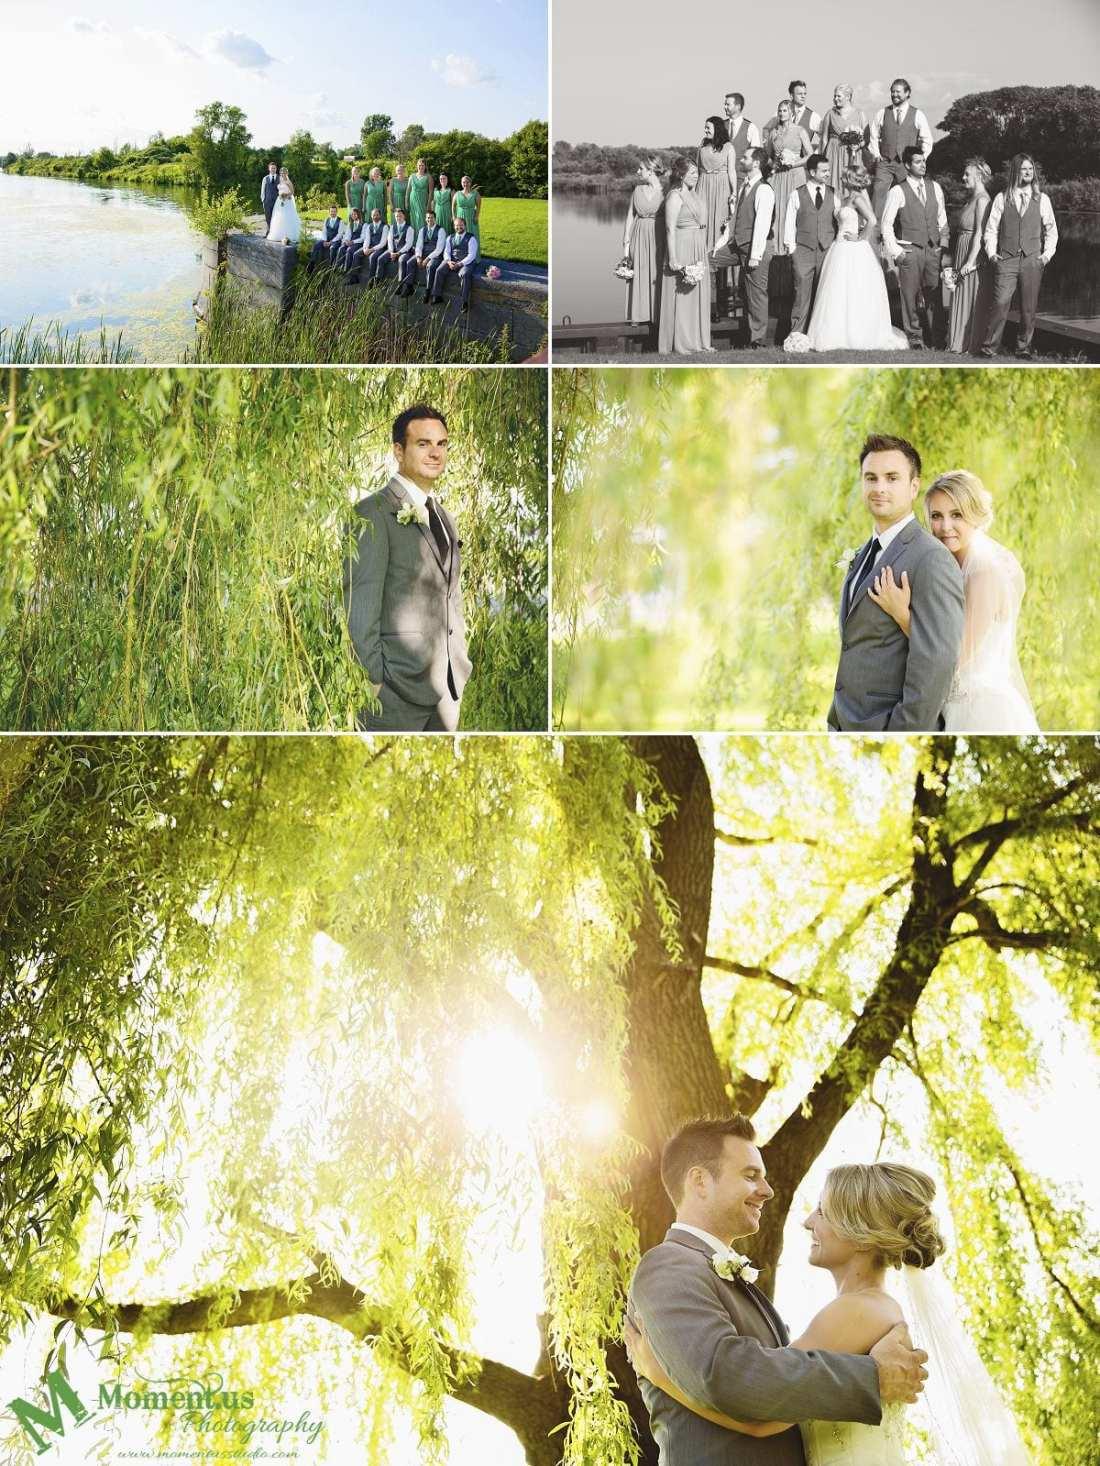 Elegant Cornwall wedding - wedding party on canal